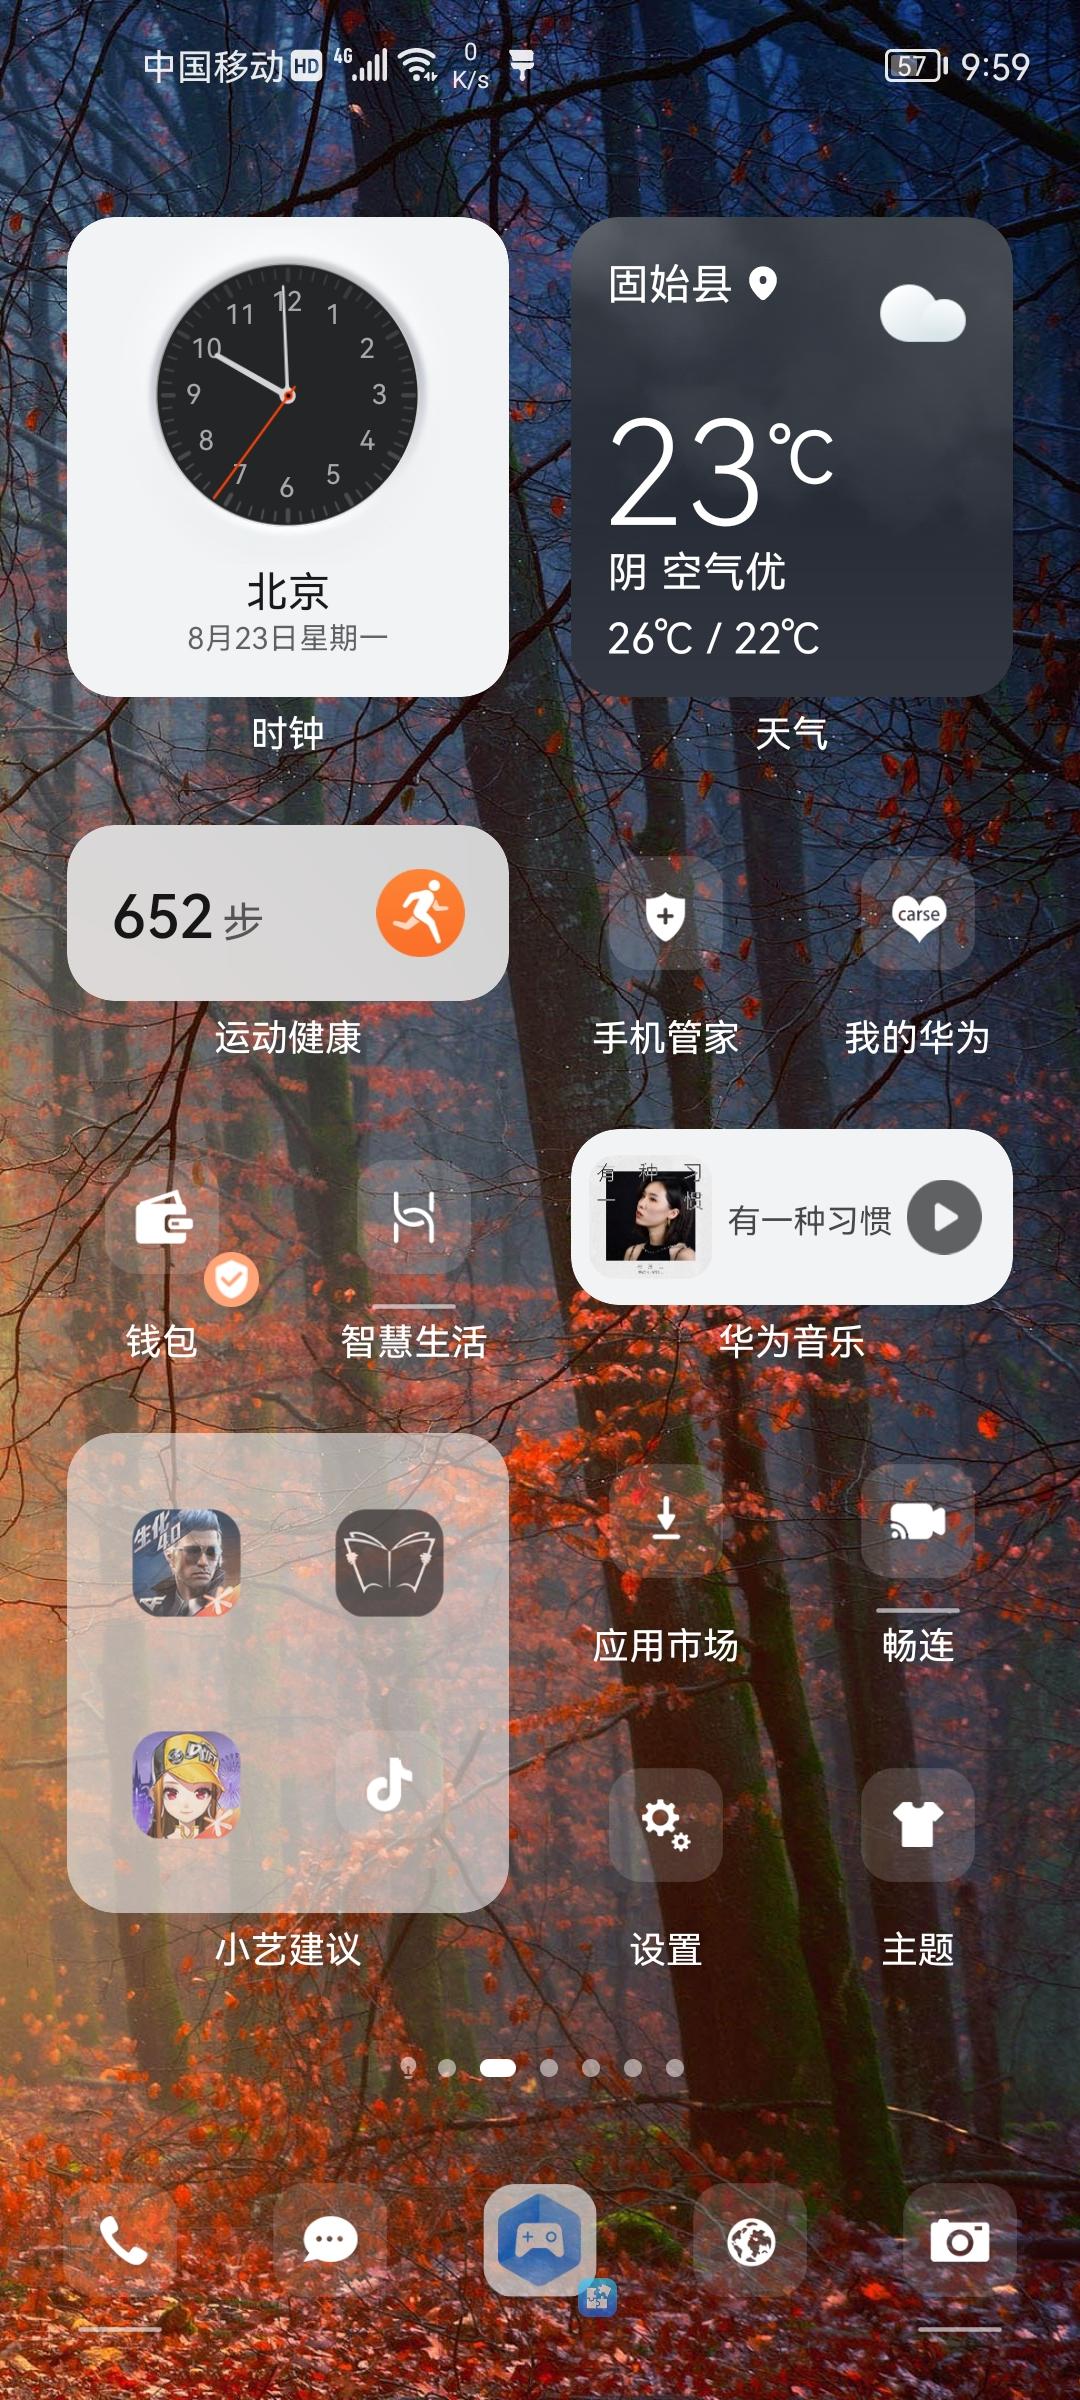 Screenshot_20210823_215936_com.huawei.android.launcher.jpg